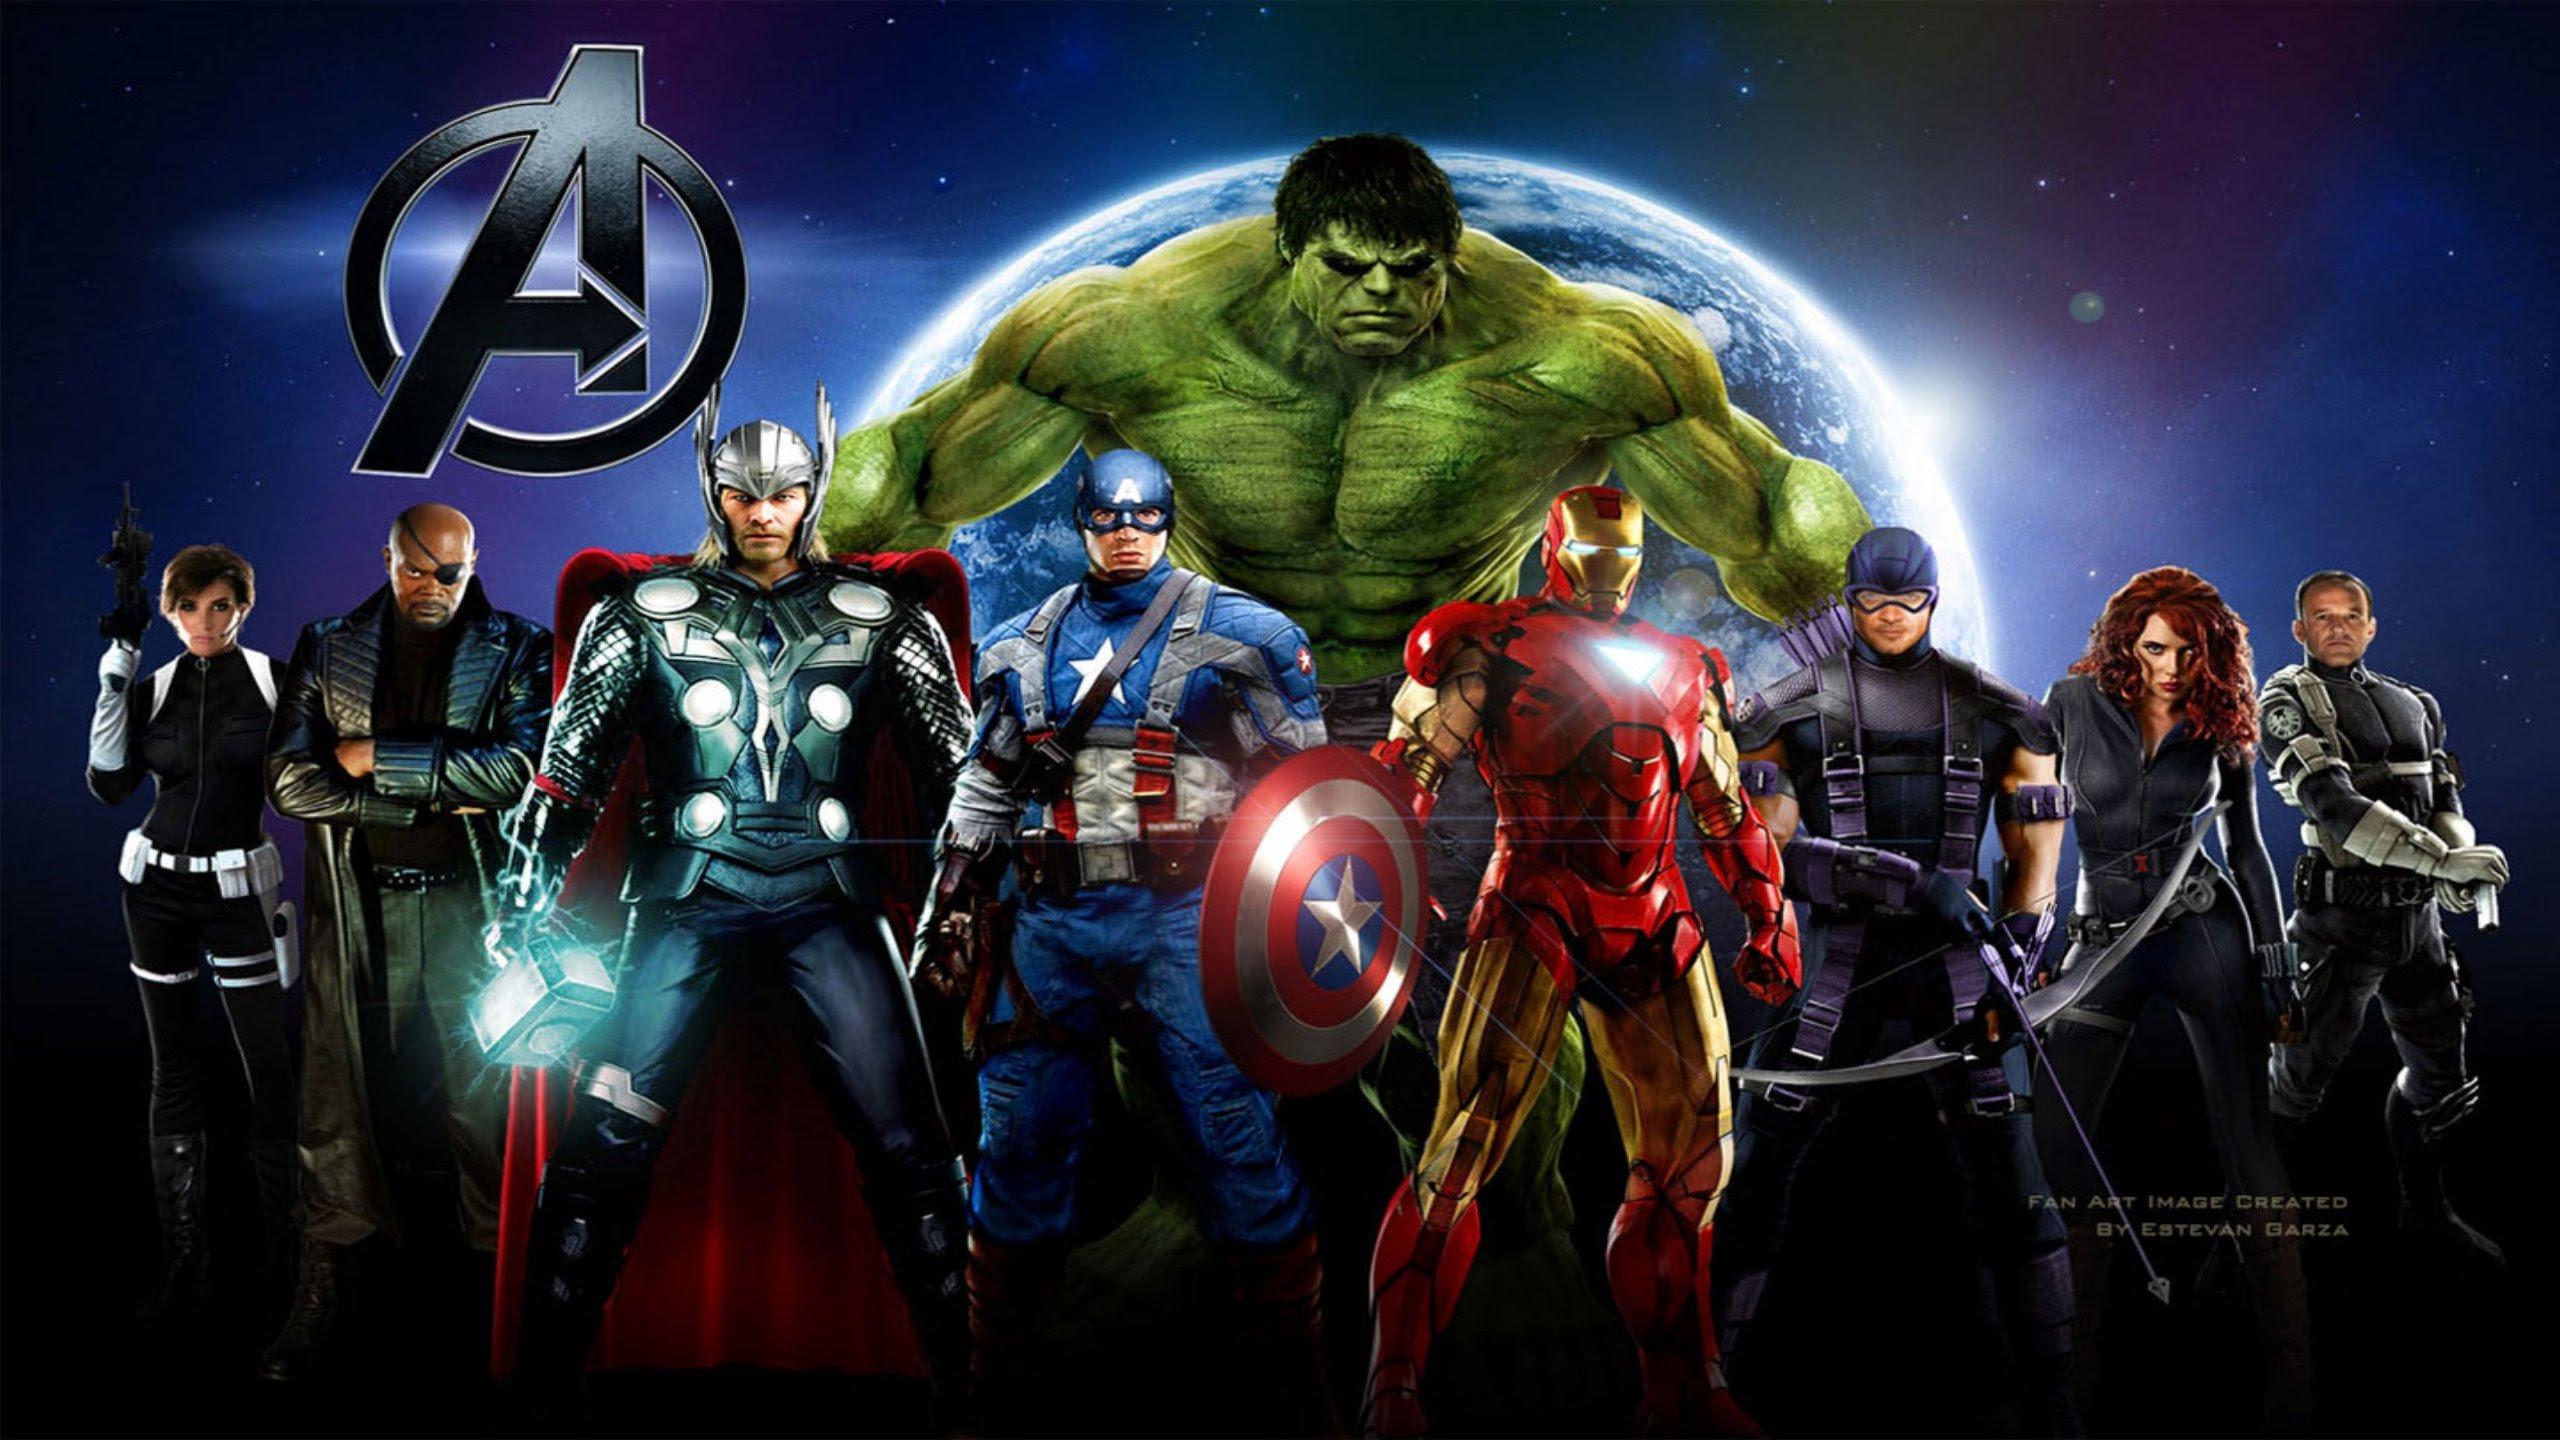 avengers marvel superhero wallpaper - photo #13